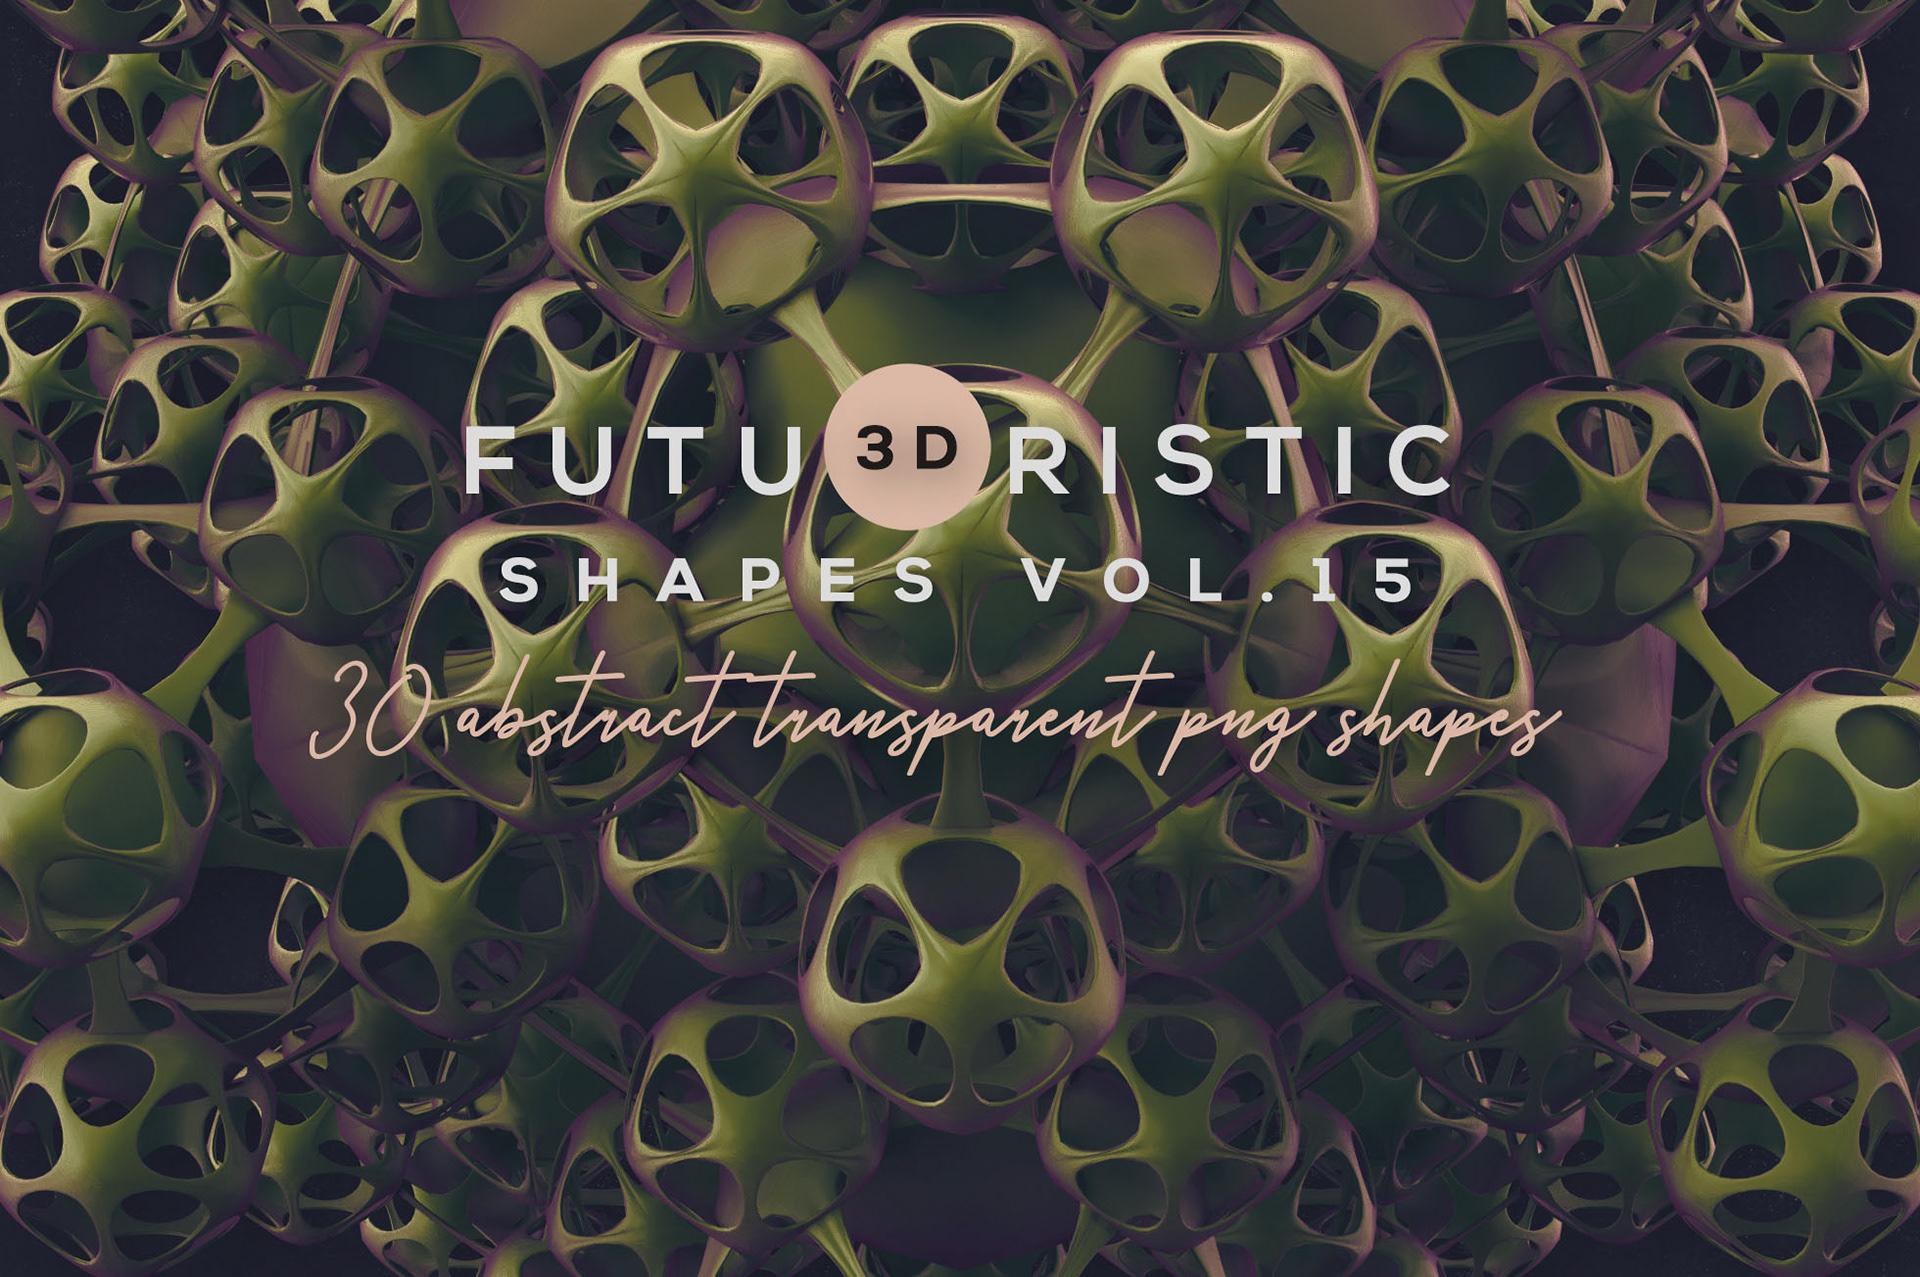 30个创意抽象科幻3D图形纹理素材 3D Abstract Shapes 15插图(2)